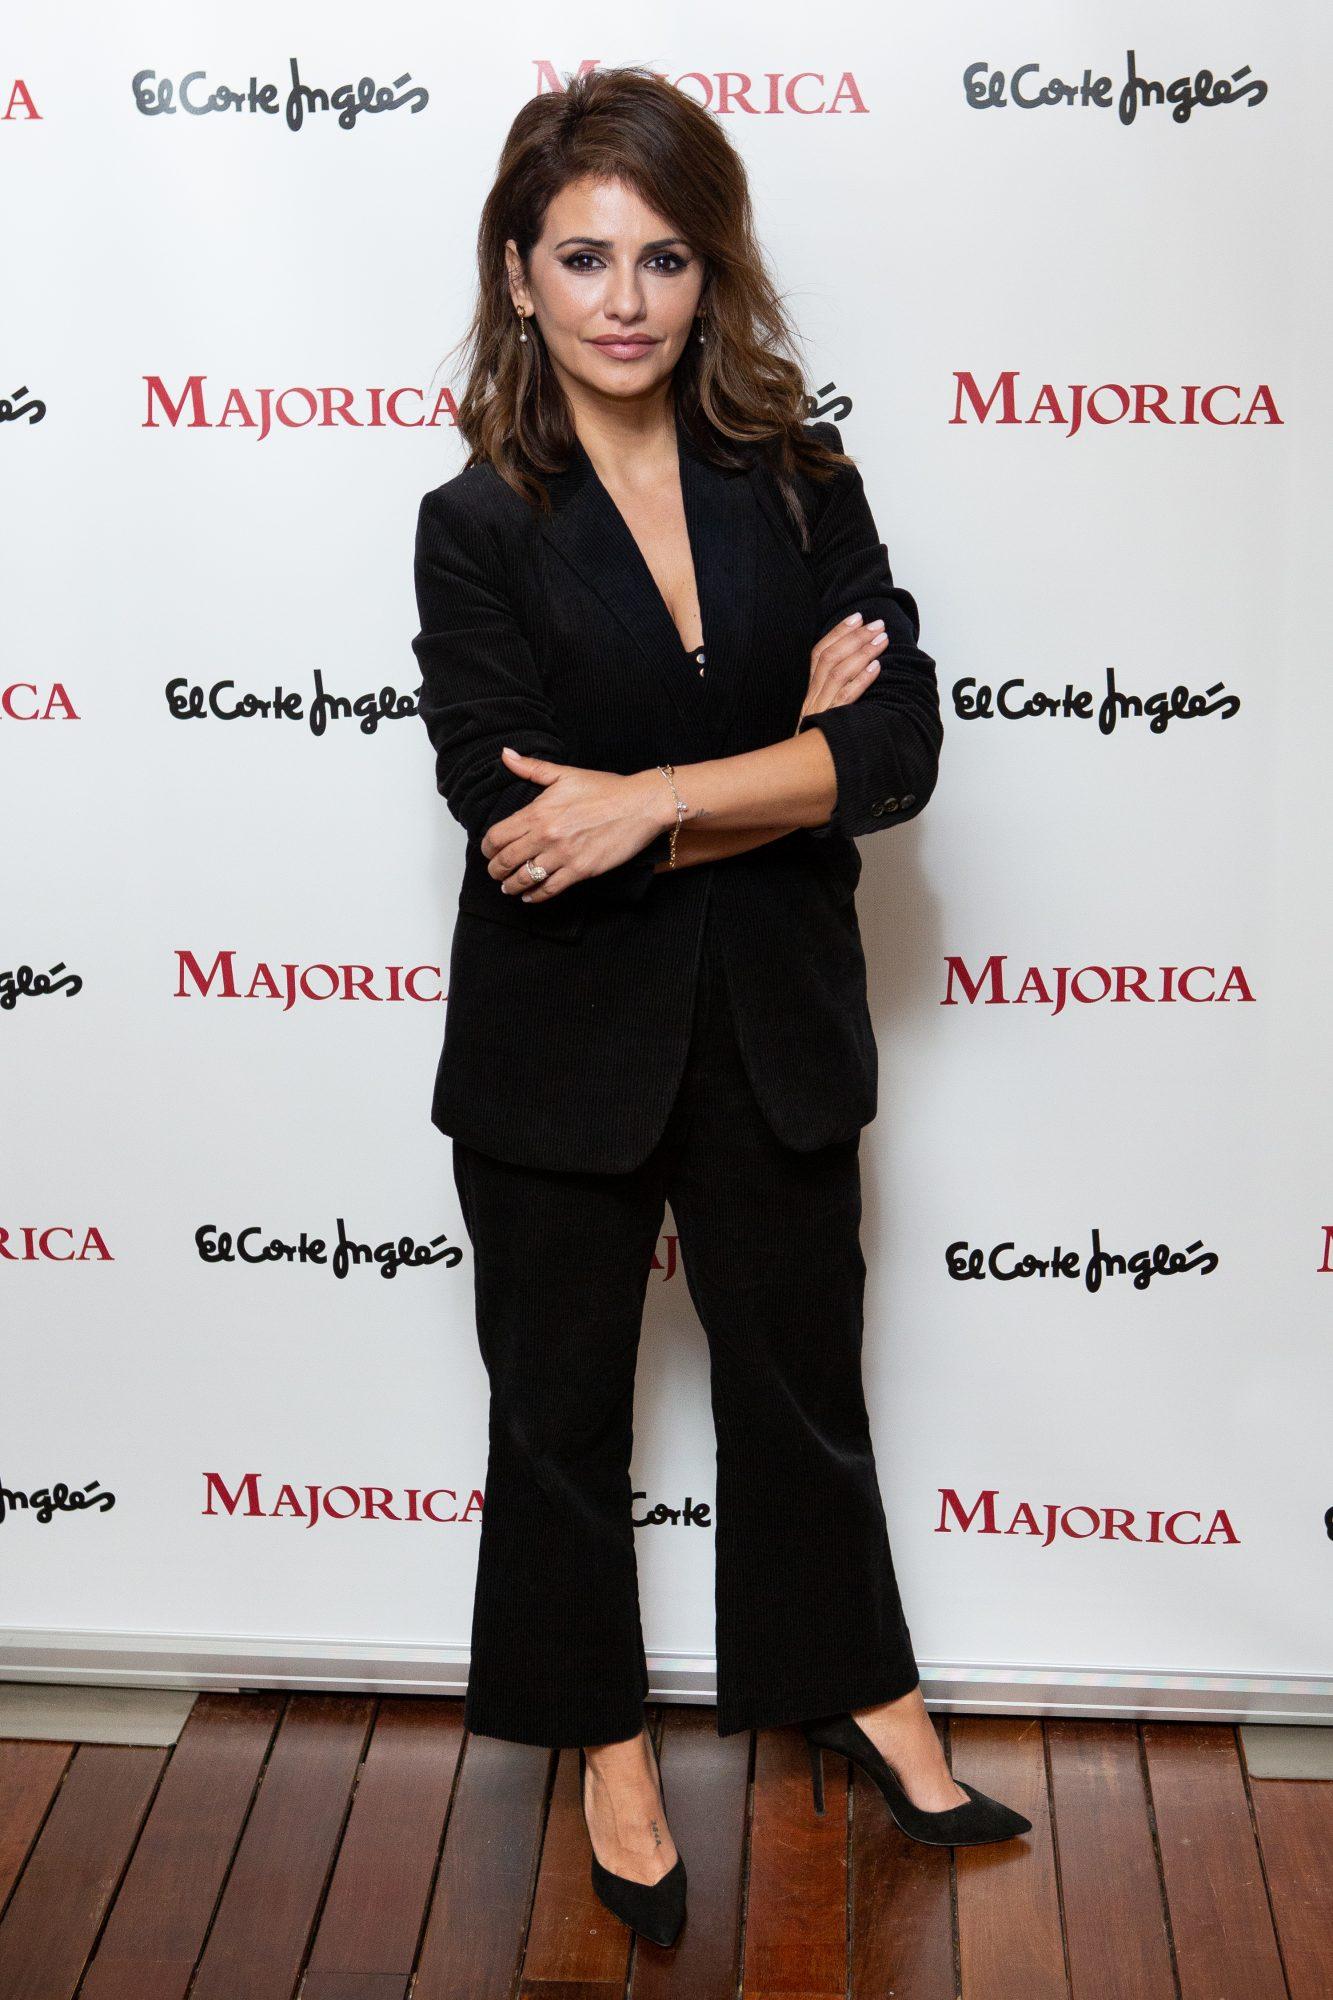 Monica Cruz Attends Majorica Photocall